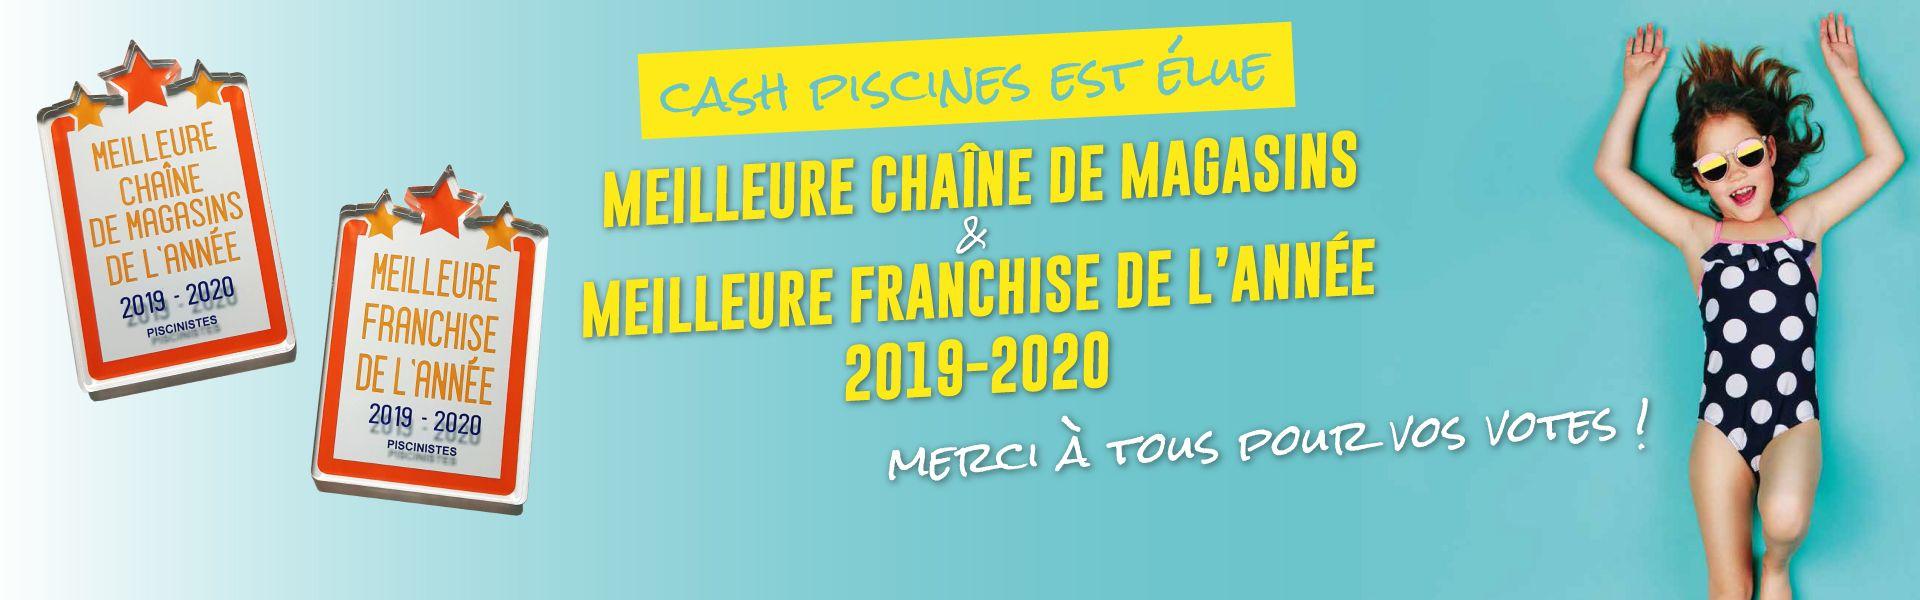 Cash Piscines - Tout Pour La Piscine & Spas Gonflables ... serapportantà Cash Piscine Narbonne